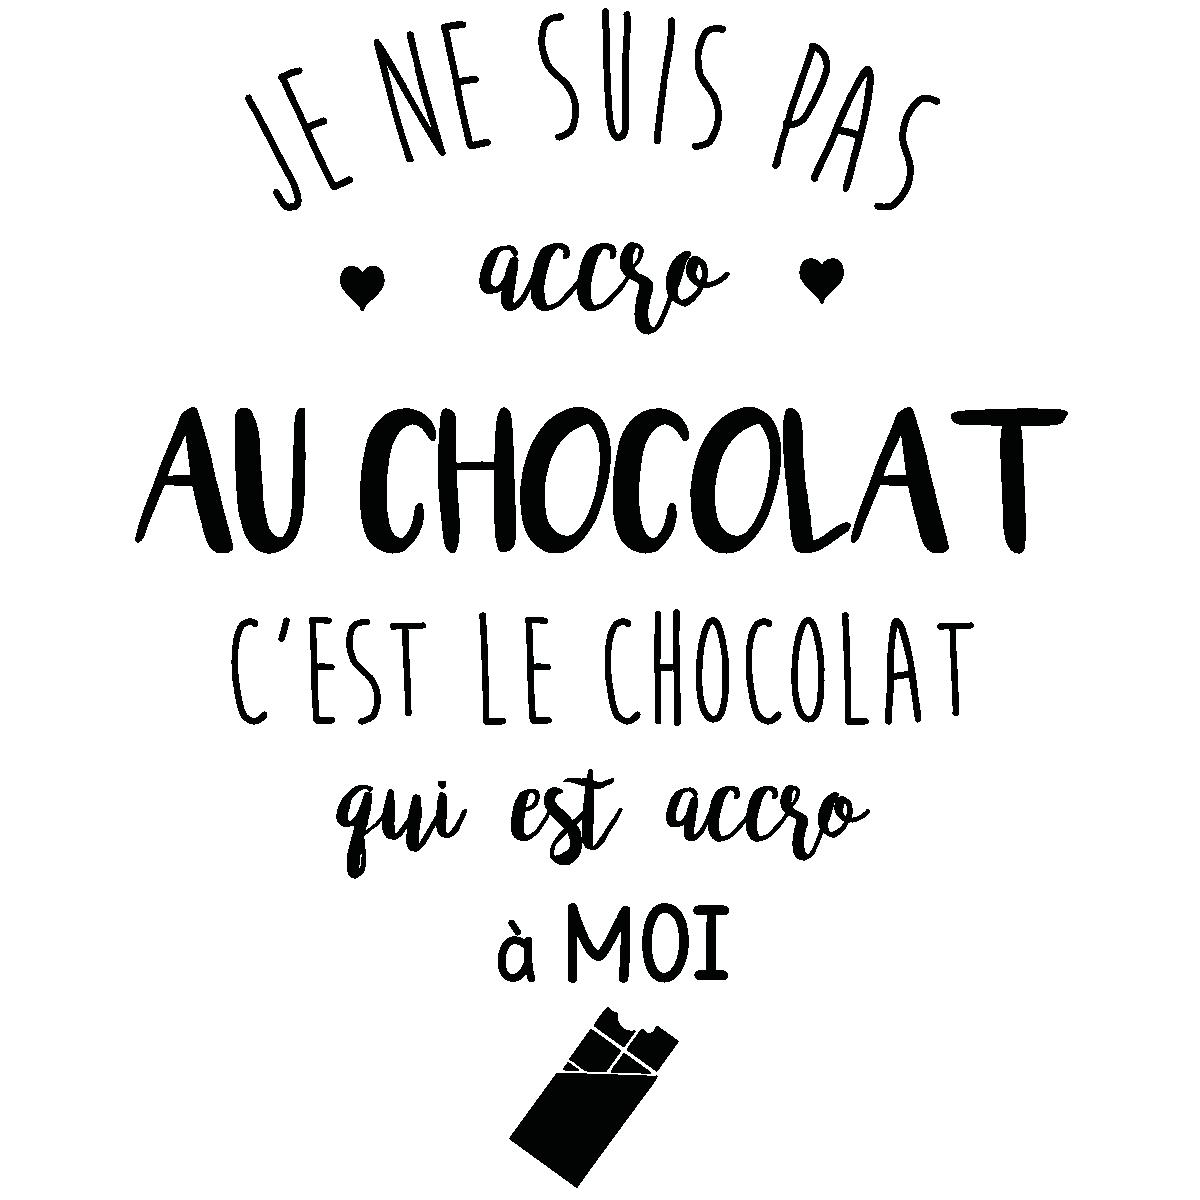 """Résultat de recherche d'images pour """"accro chocolat"""""""